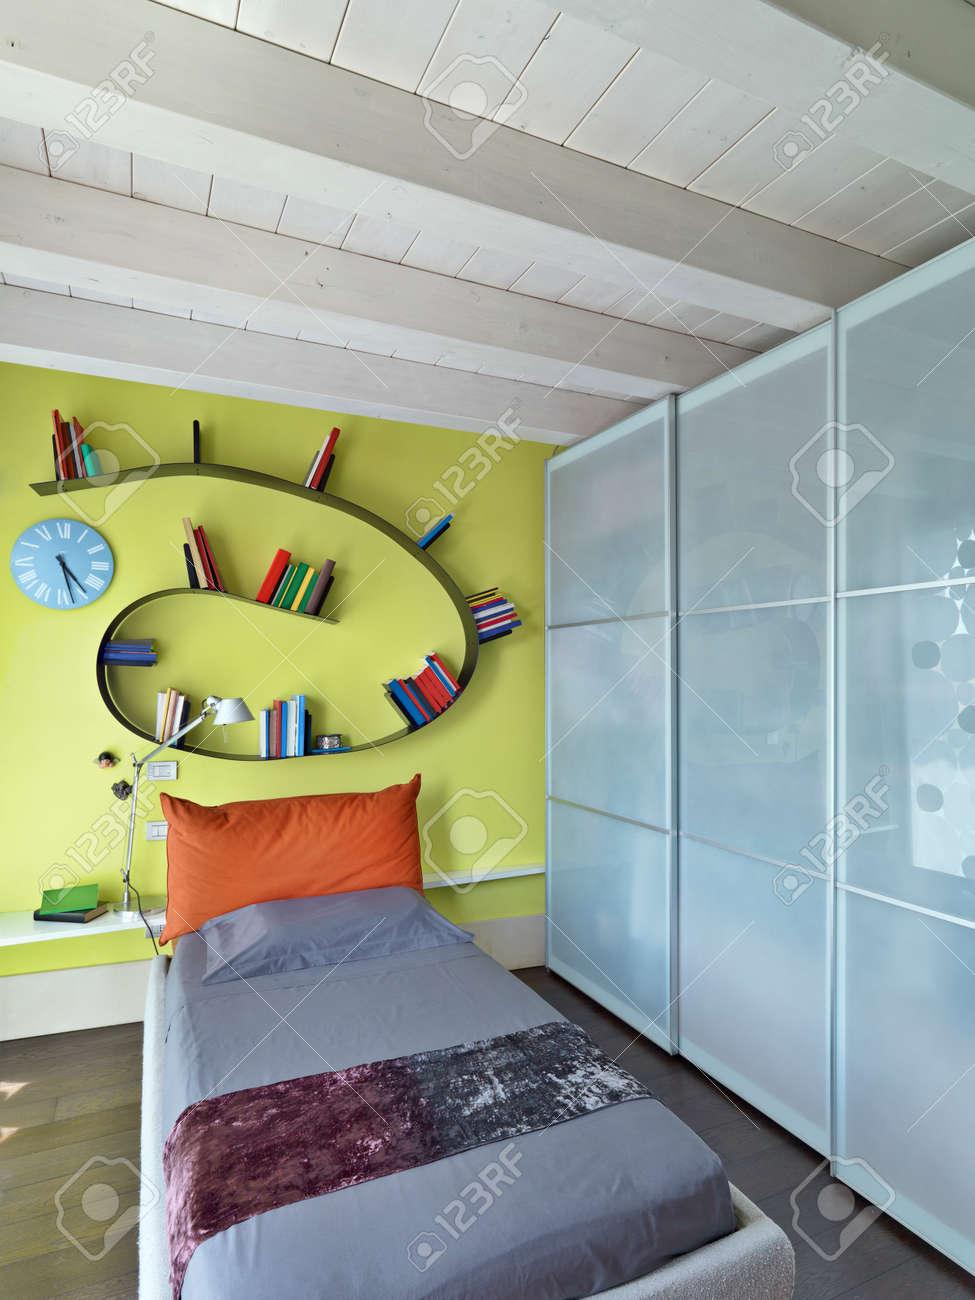 Camere da letto con libreria : camere da letto con libreria ...